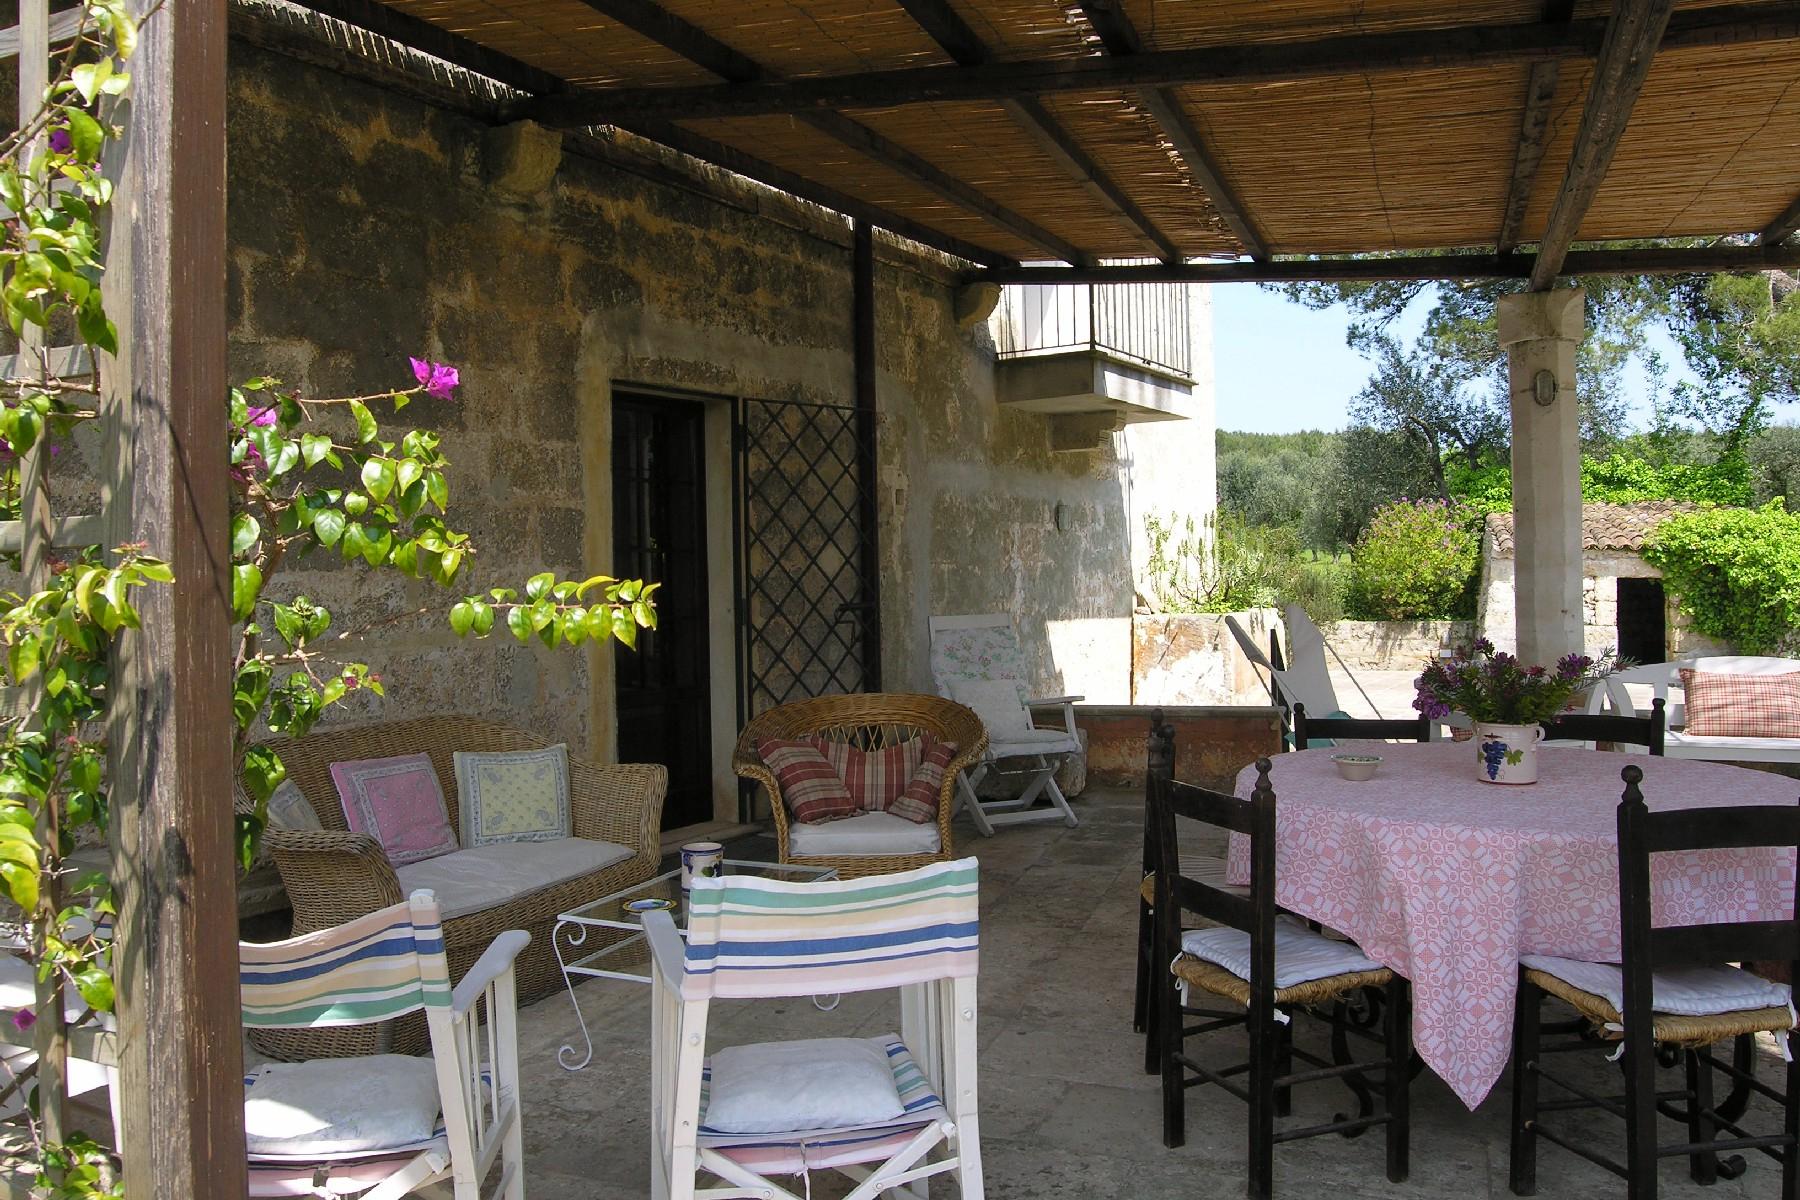 Casa indipendente in Vendita a Tricase: 5 locali, 600 mq - Foto 4